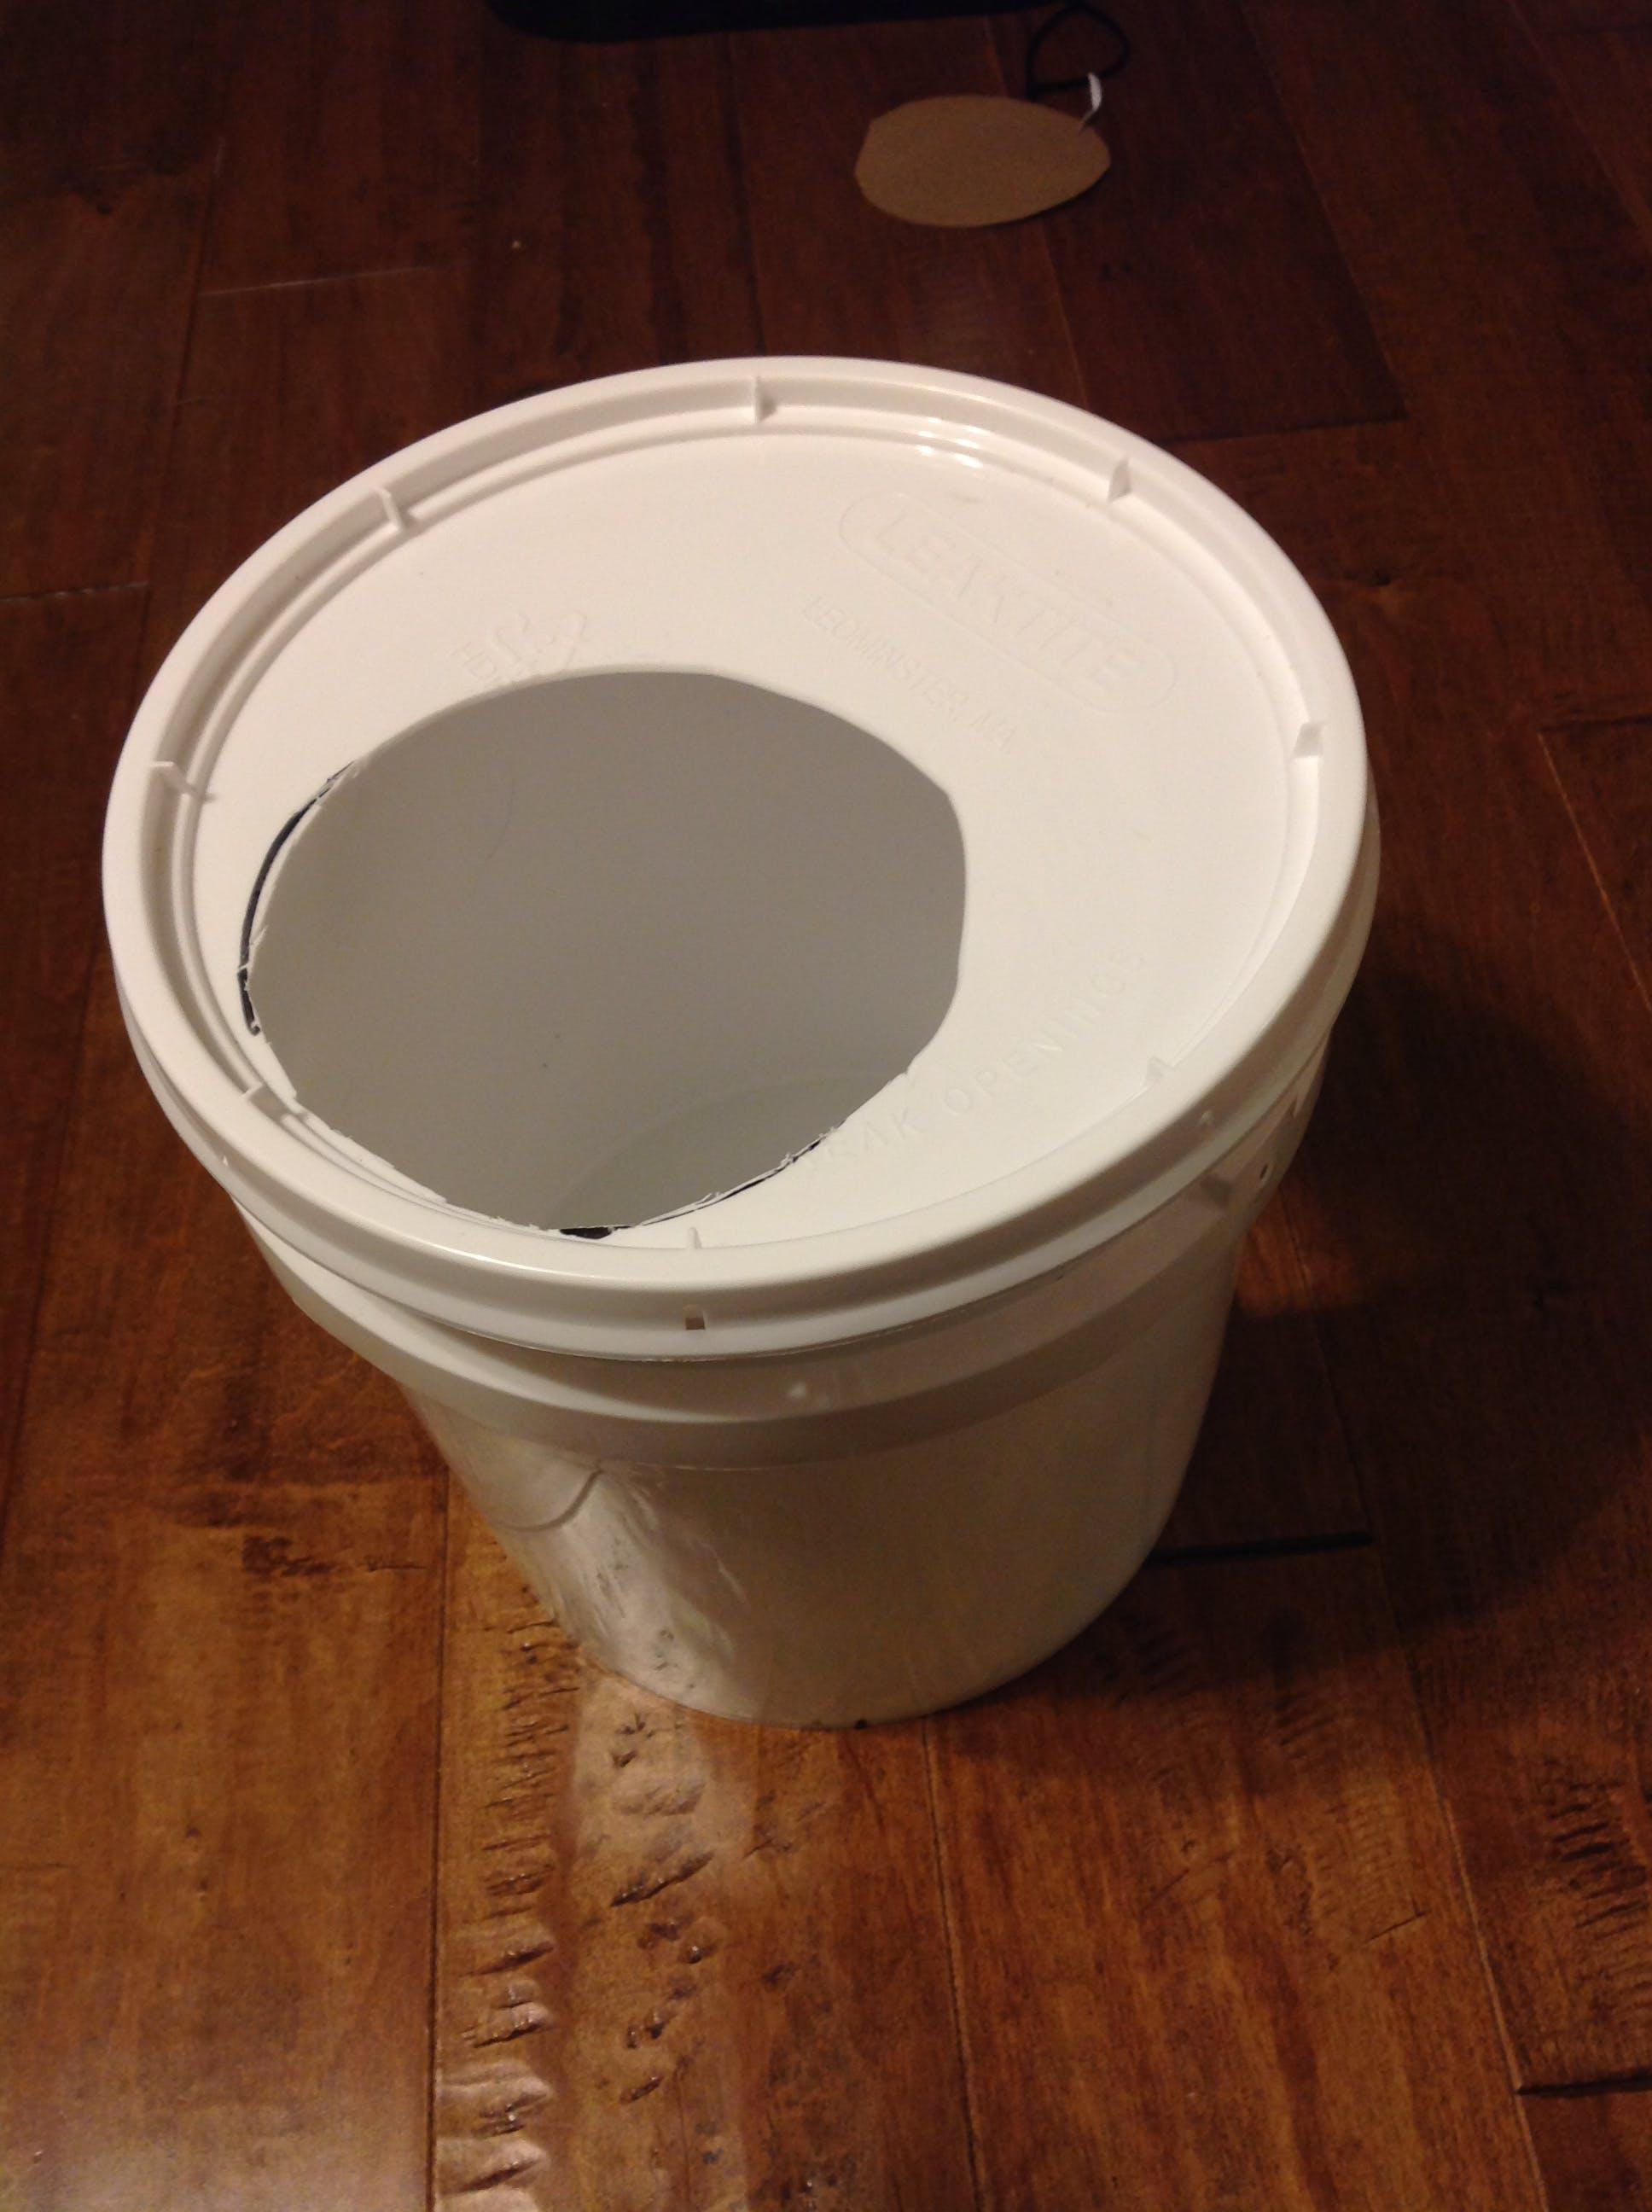 Top of the bucket